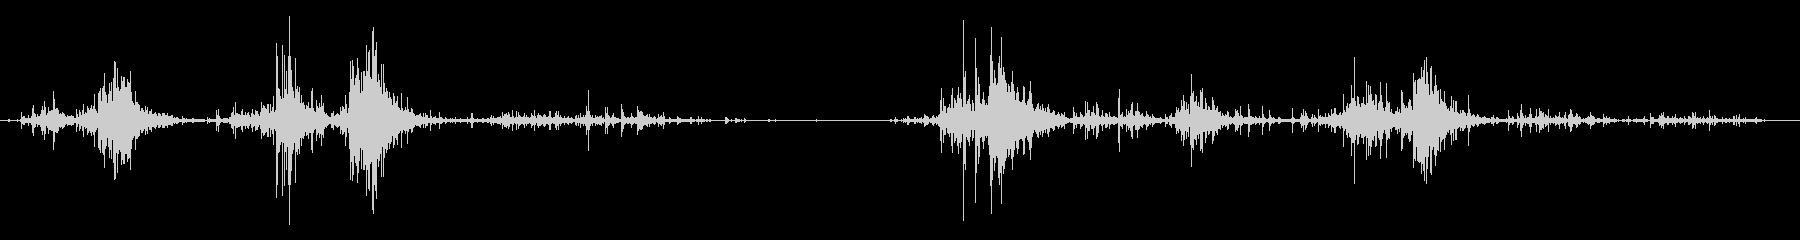 タブレッド菓子出す音・振る音16の未再生の波形